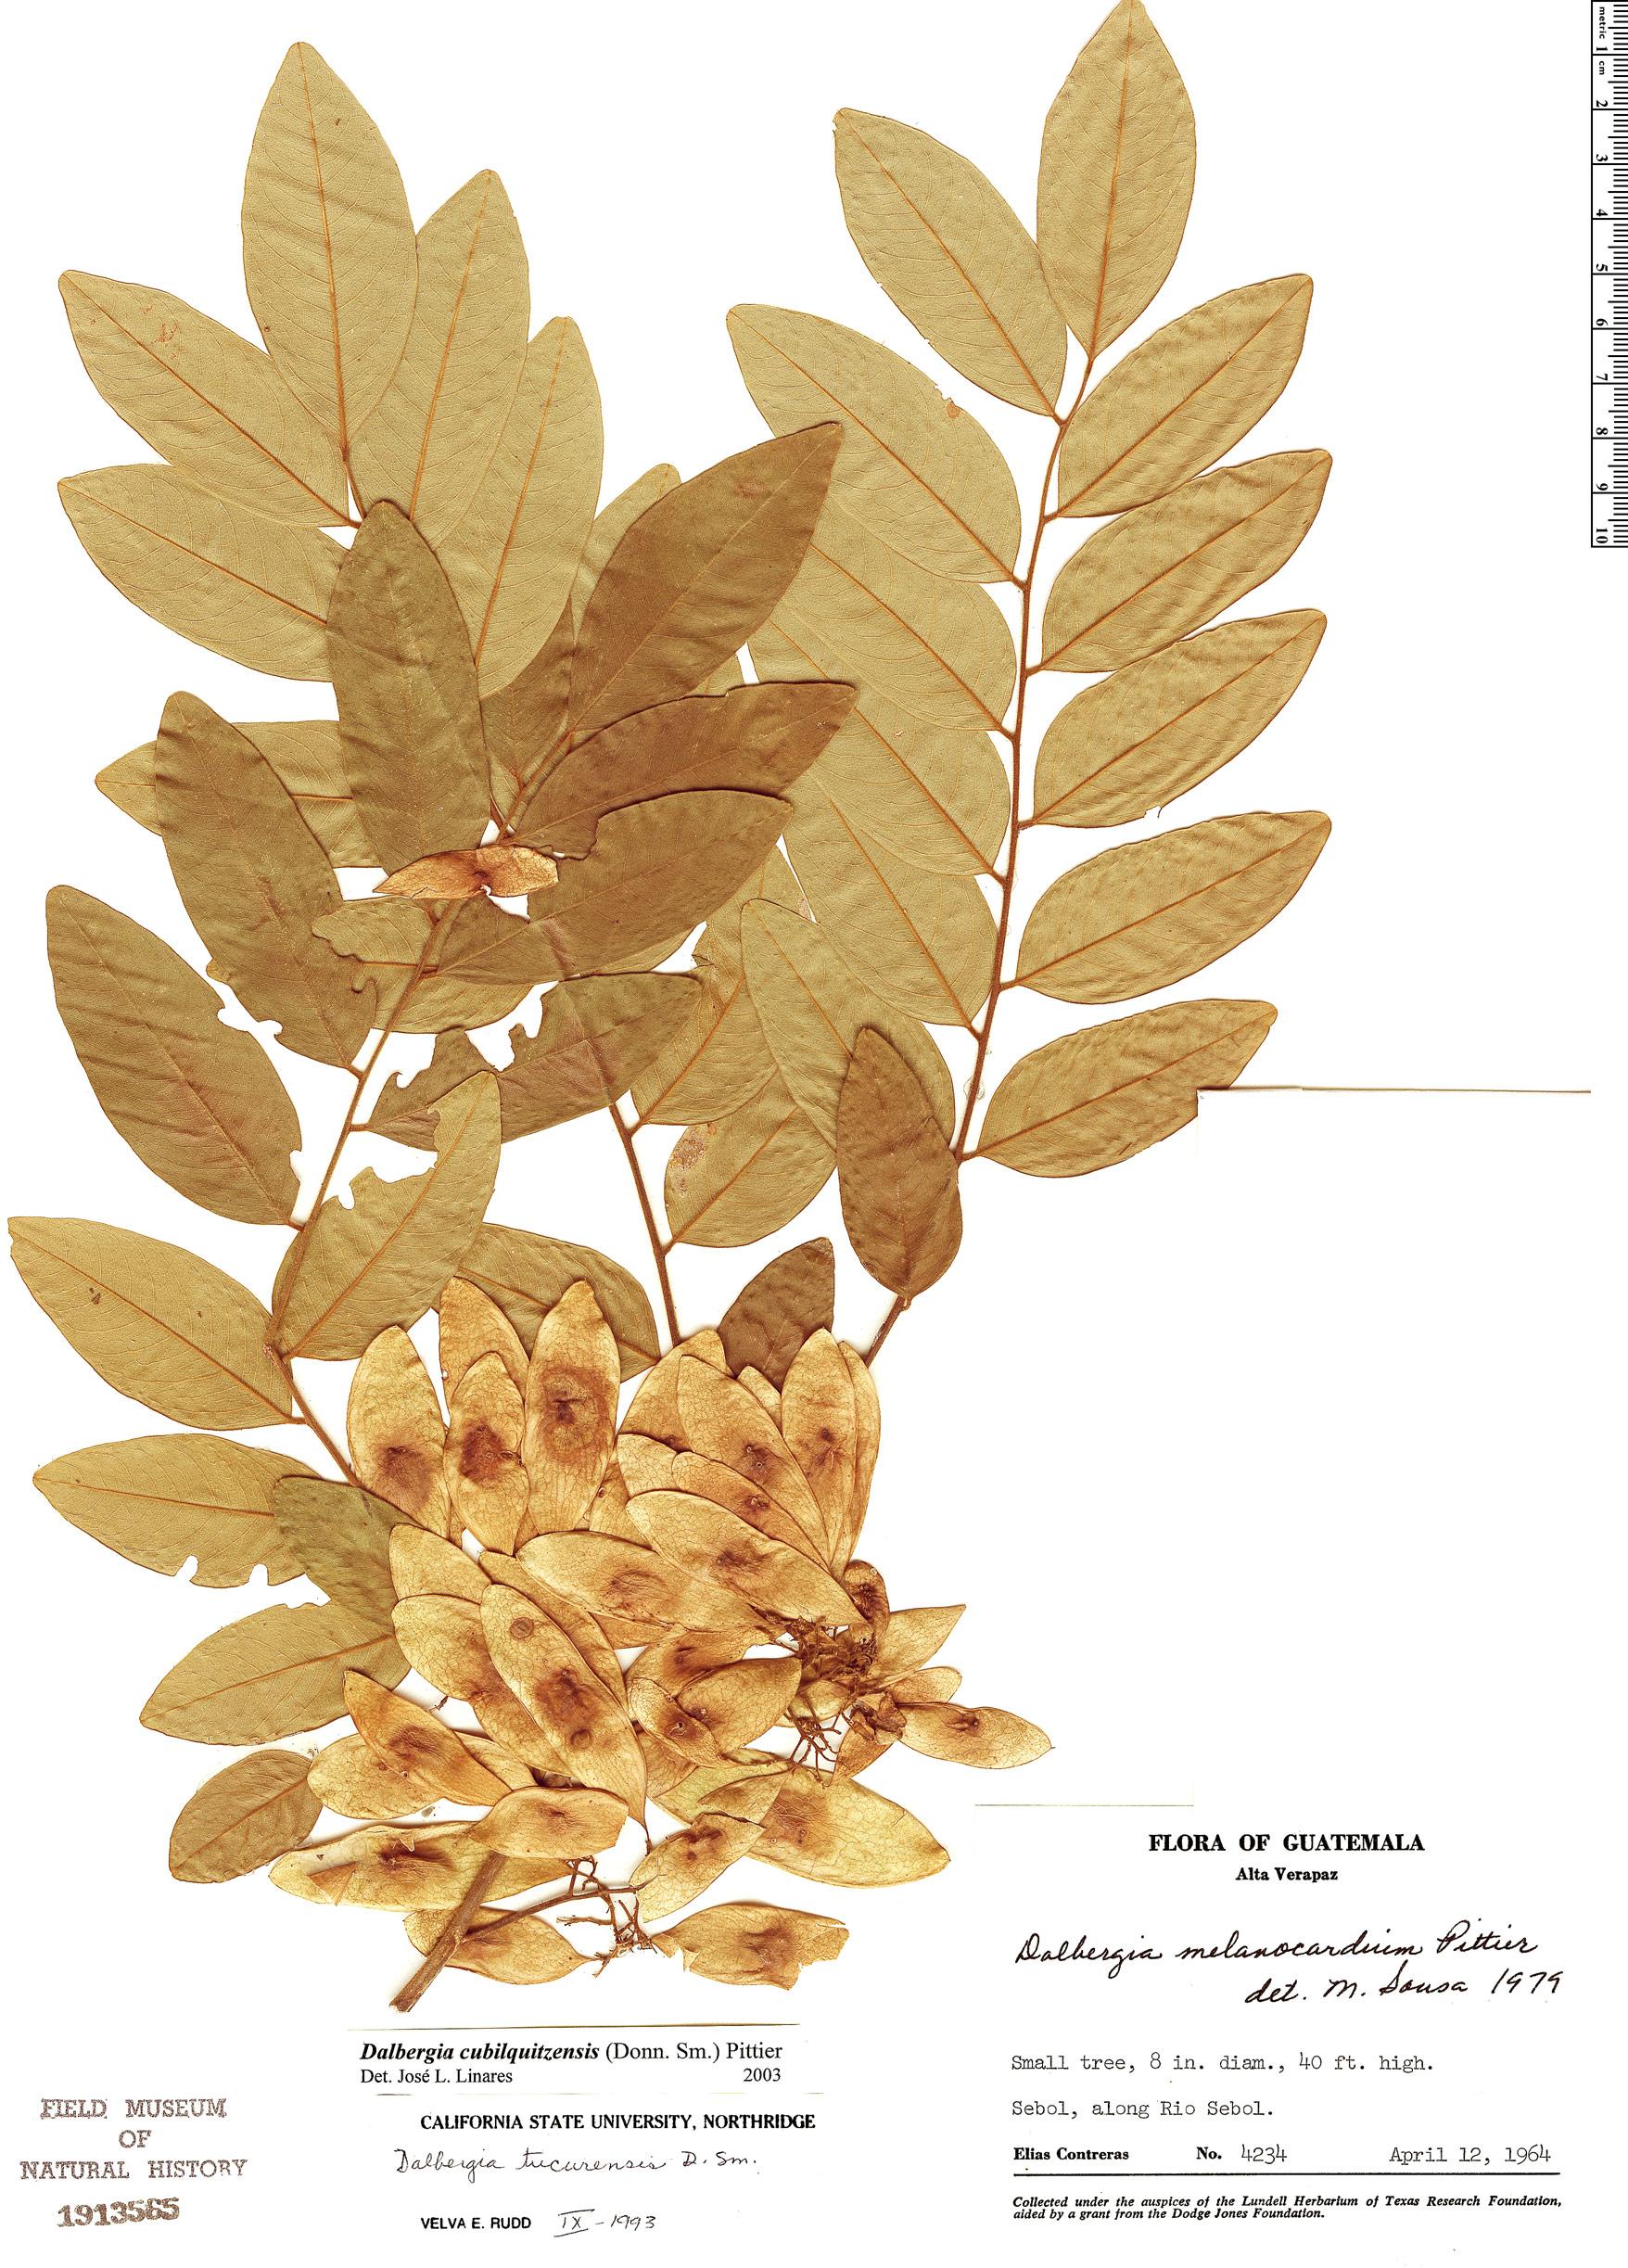 Specimen: Dalbergia cubilquitzensis